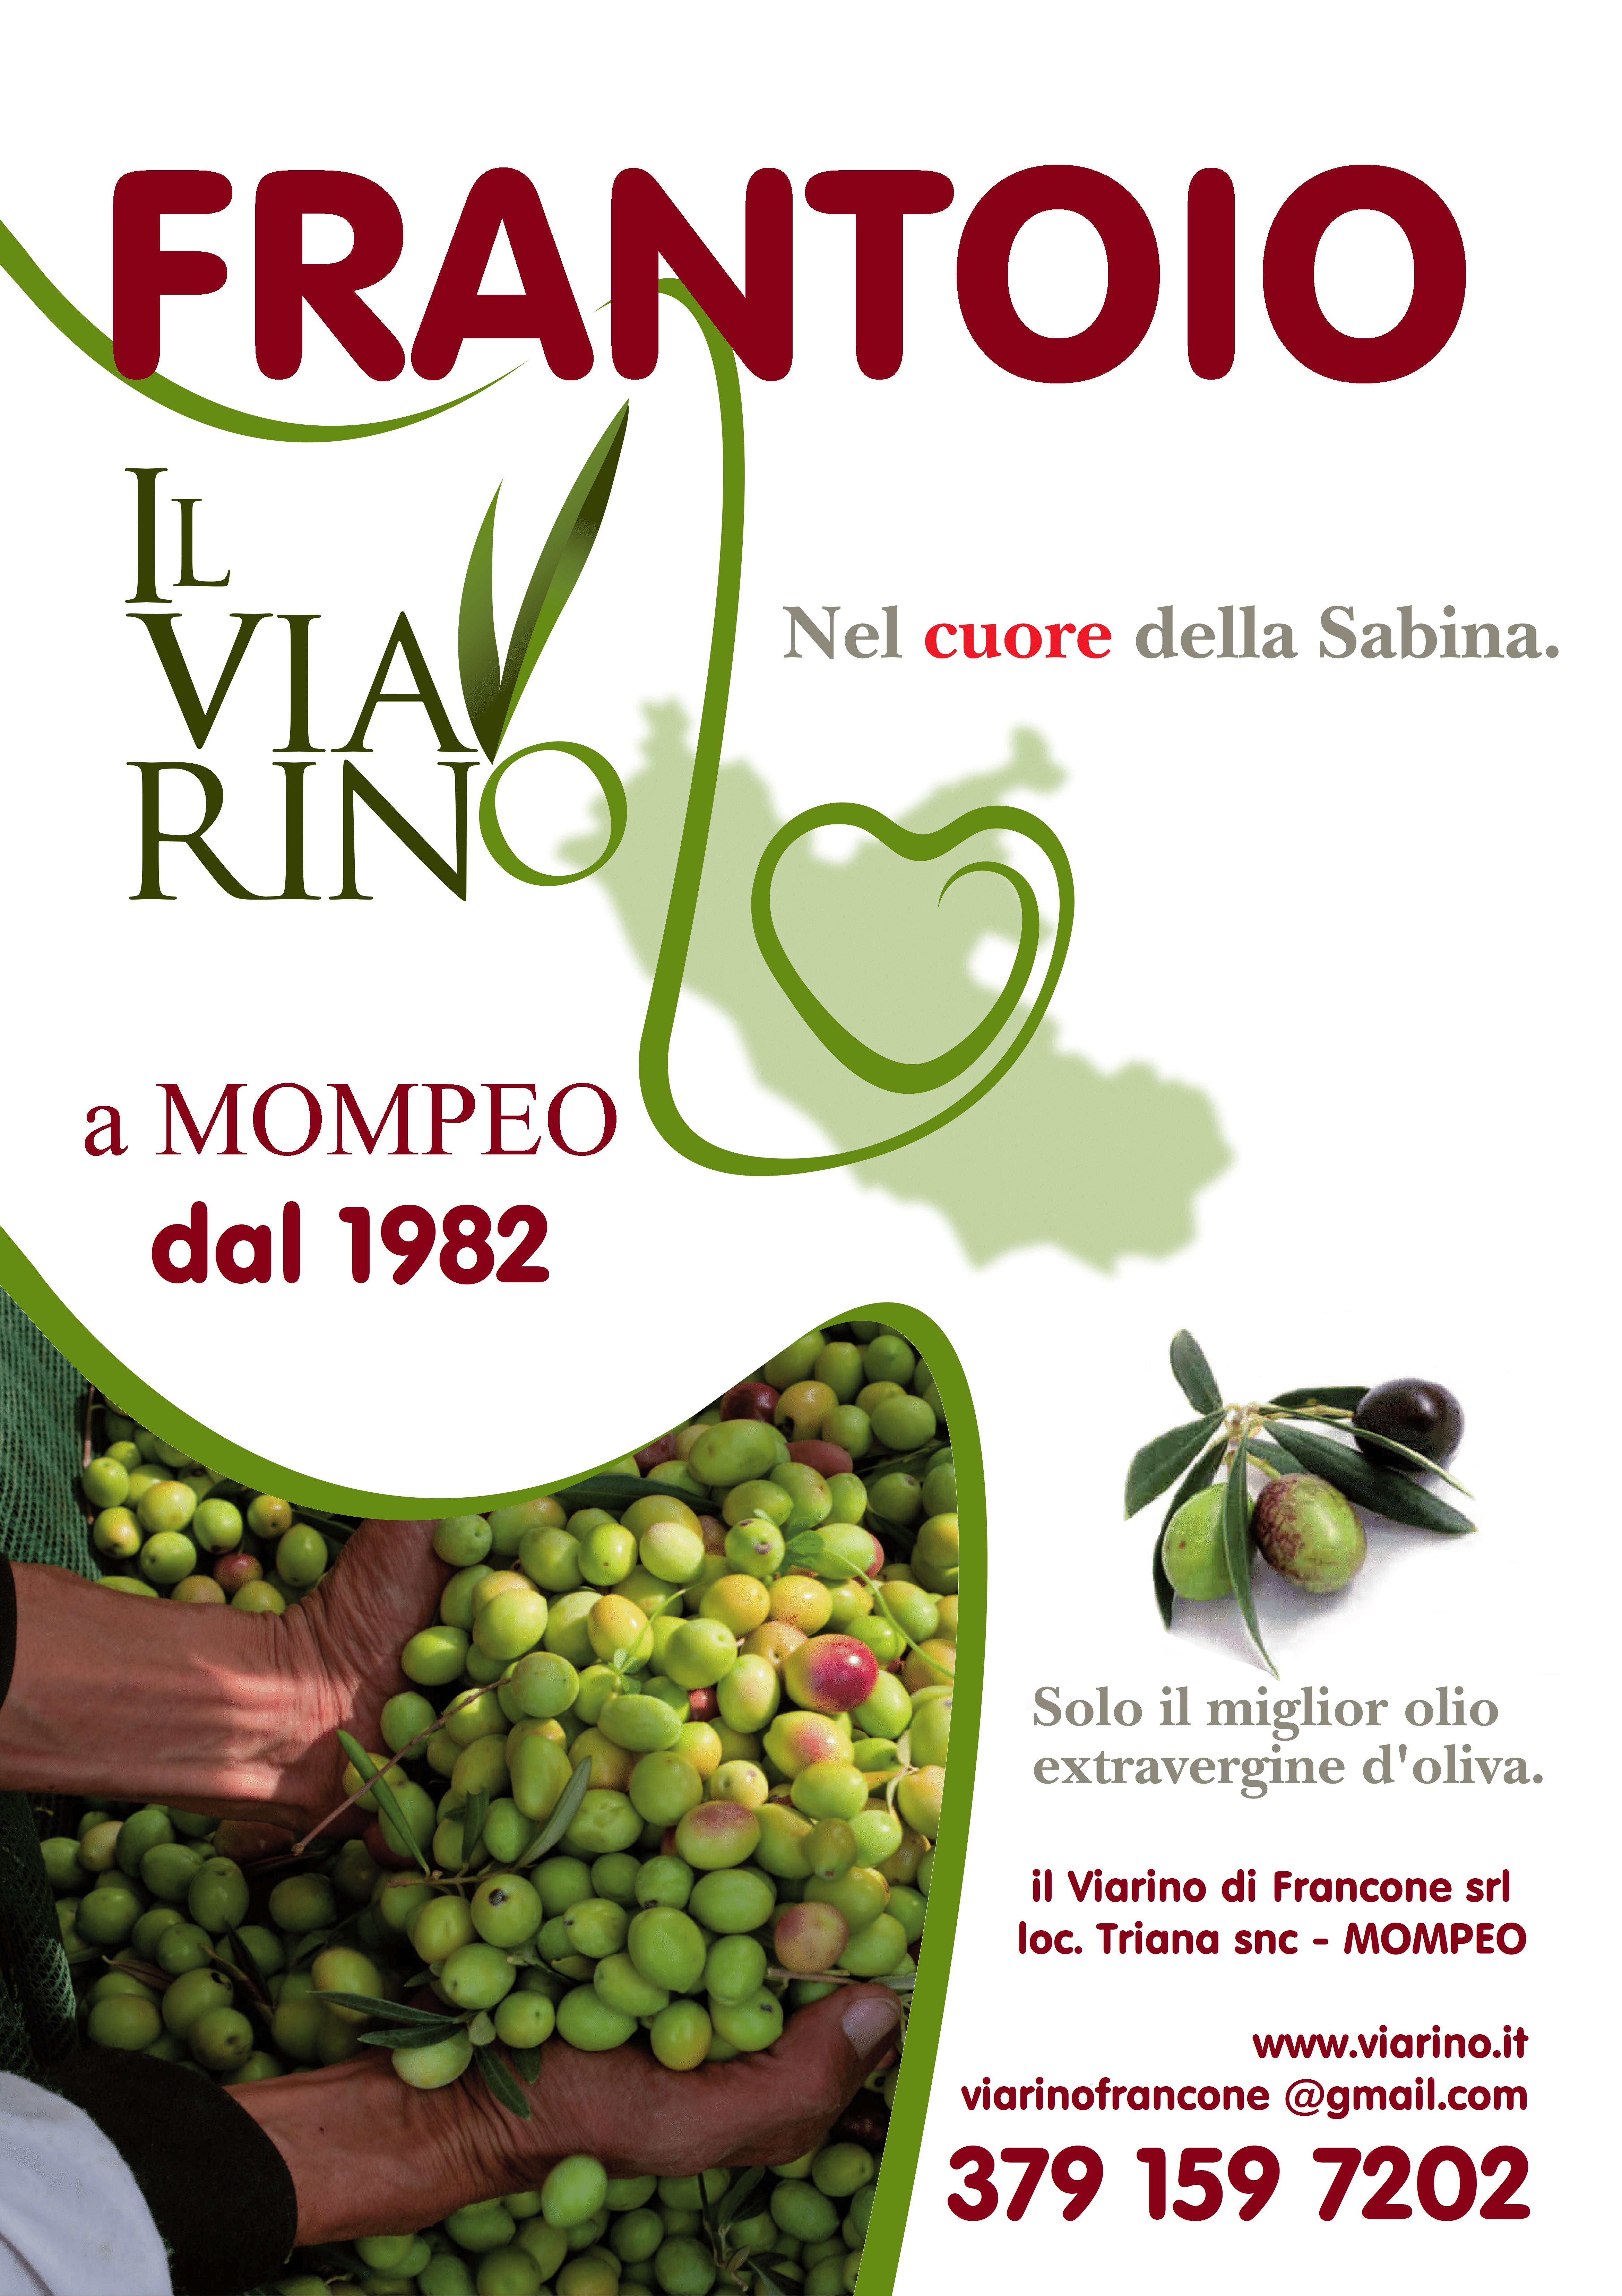 Comune Di Montopoli Di Sabina comune di mompeo - sito istituzionale